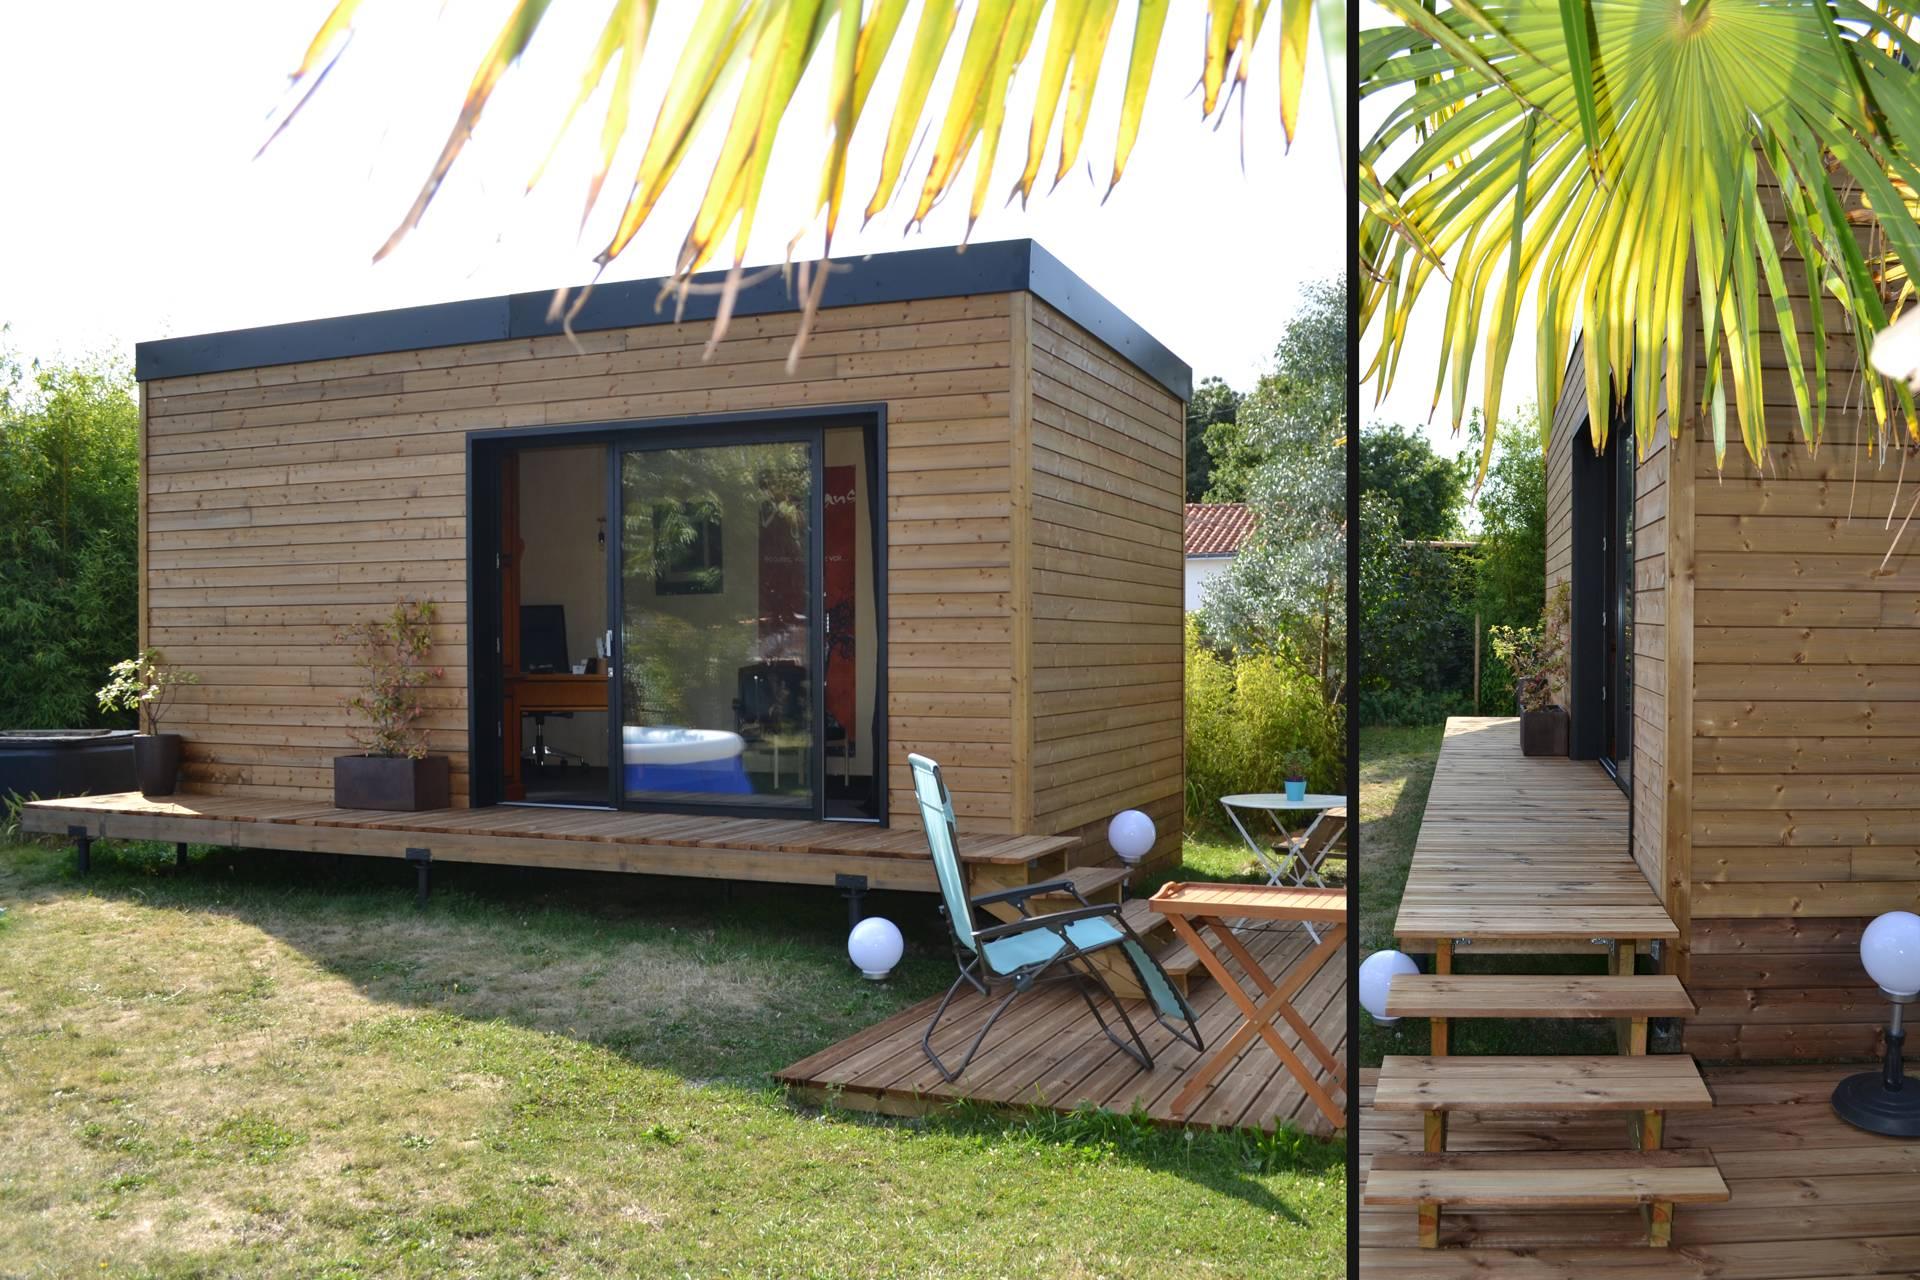 Studio de jardin 20m2 par woodyloft - Studio de jardin 20m2 Couëron, proche Nantes 44